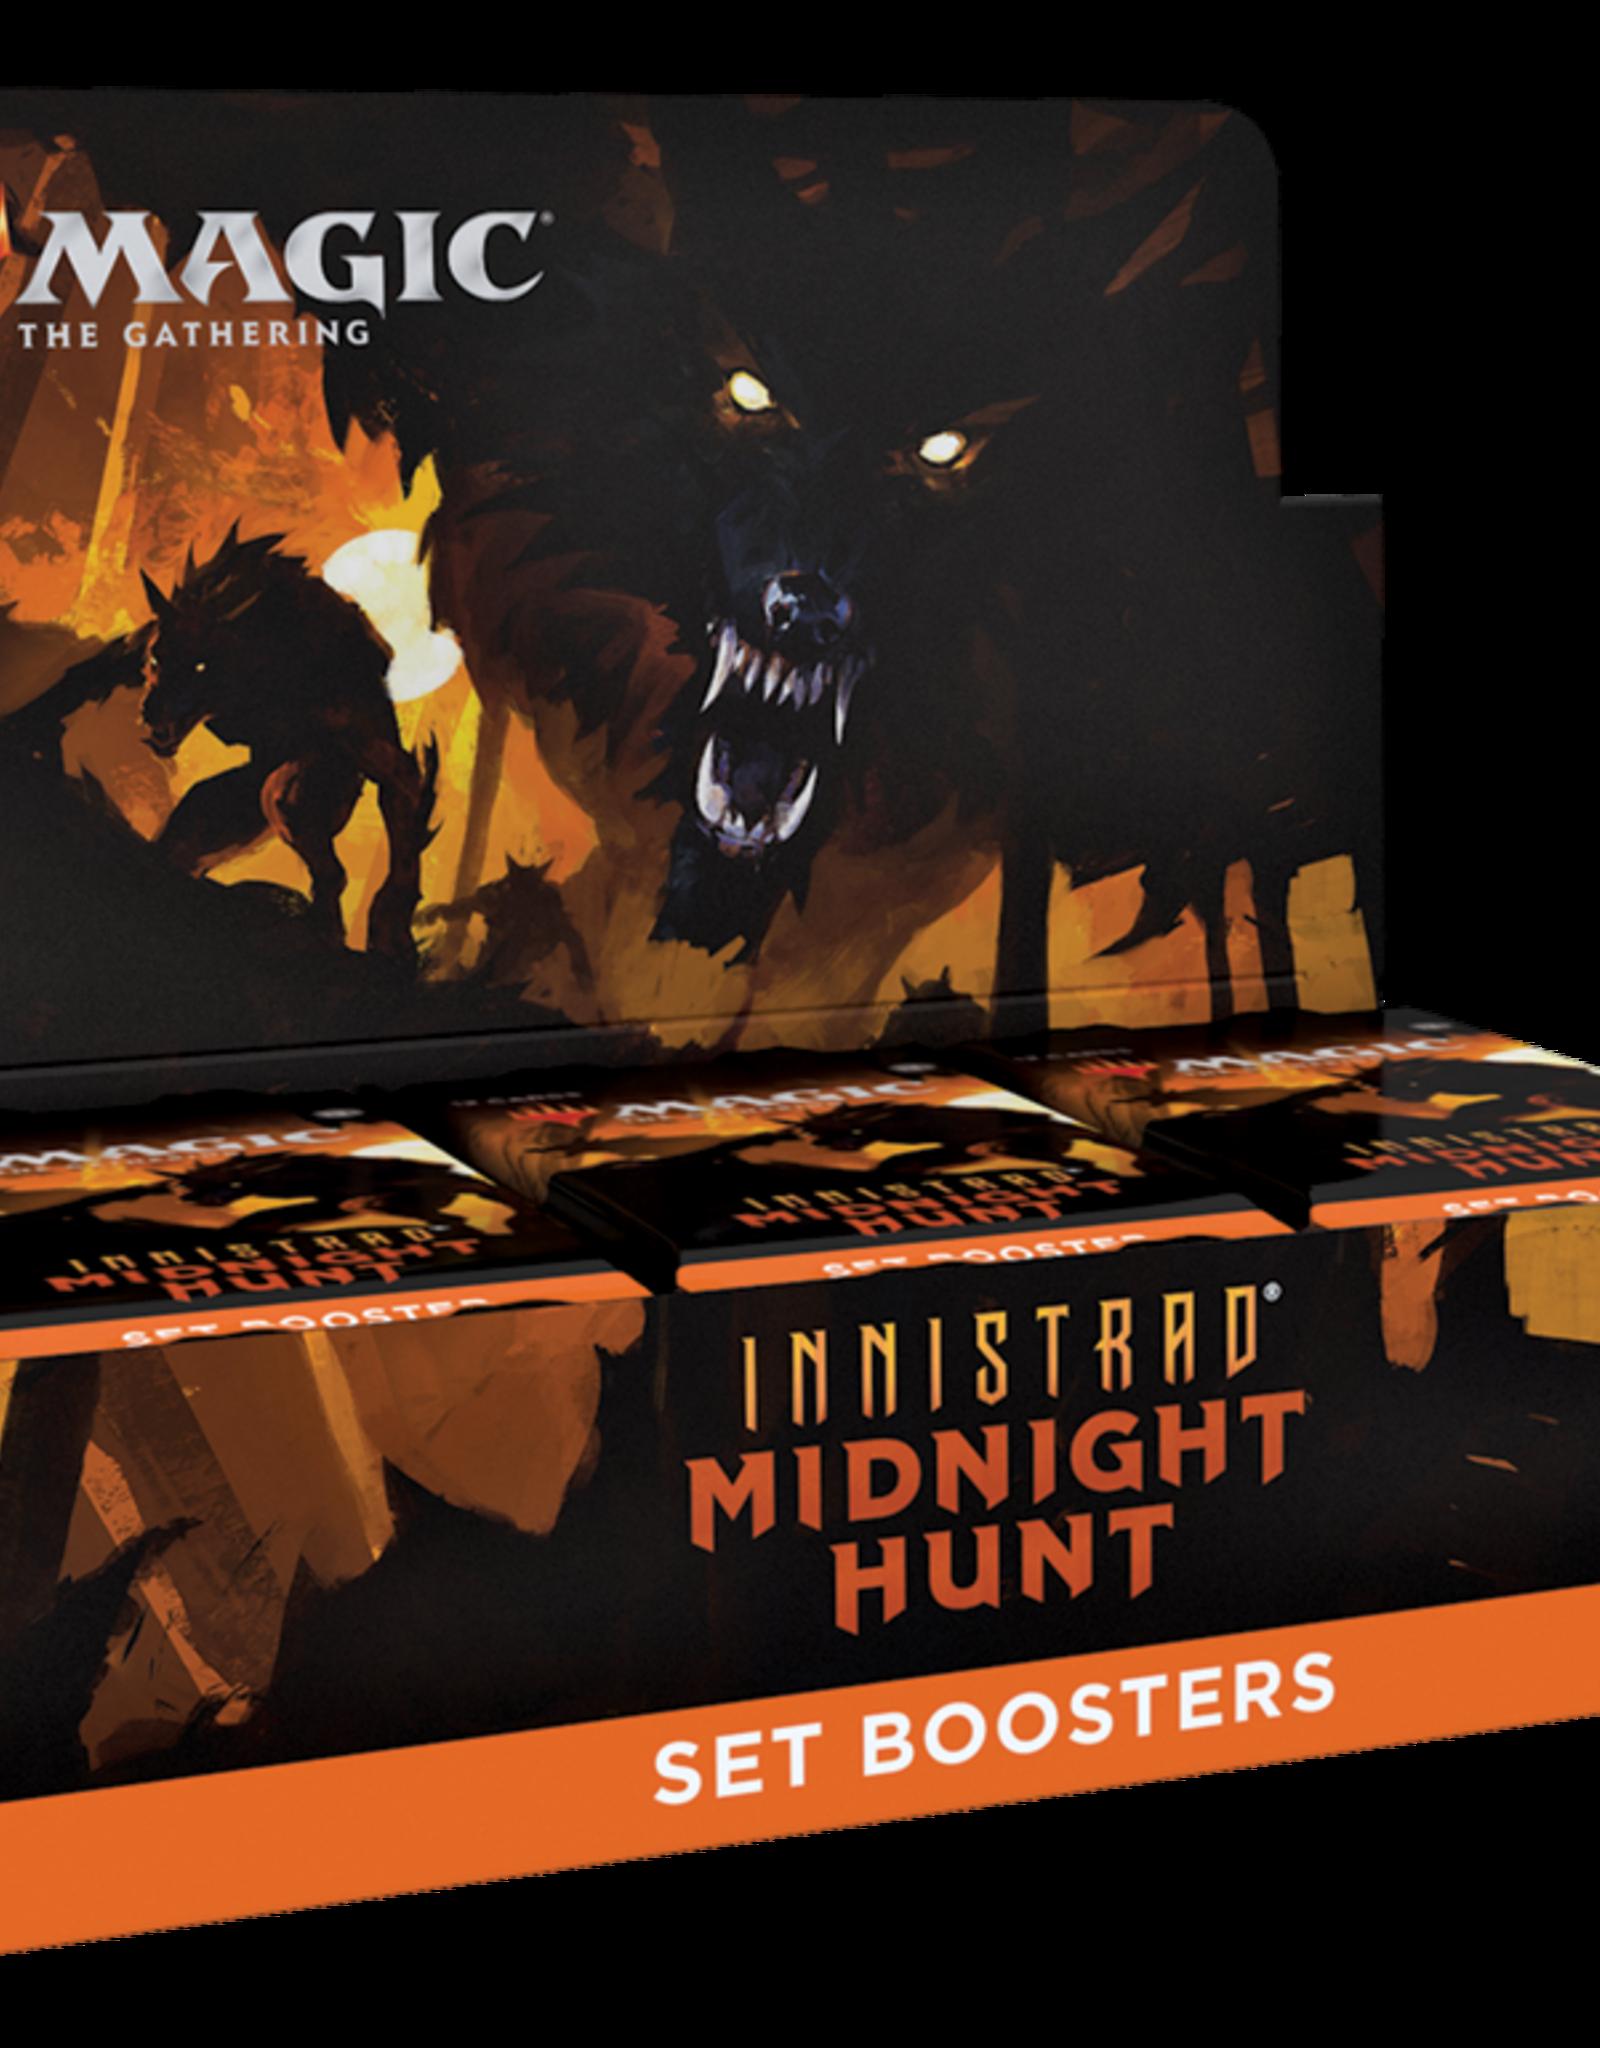 MtG - Innistrad Midnight Hunt Innistrad Midnight Hunt Set Booster Display